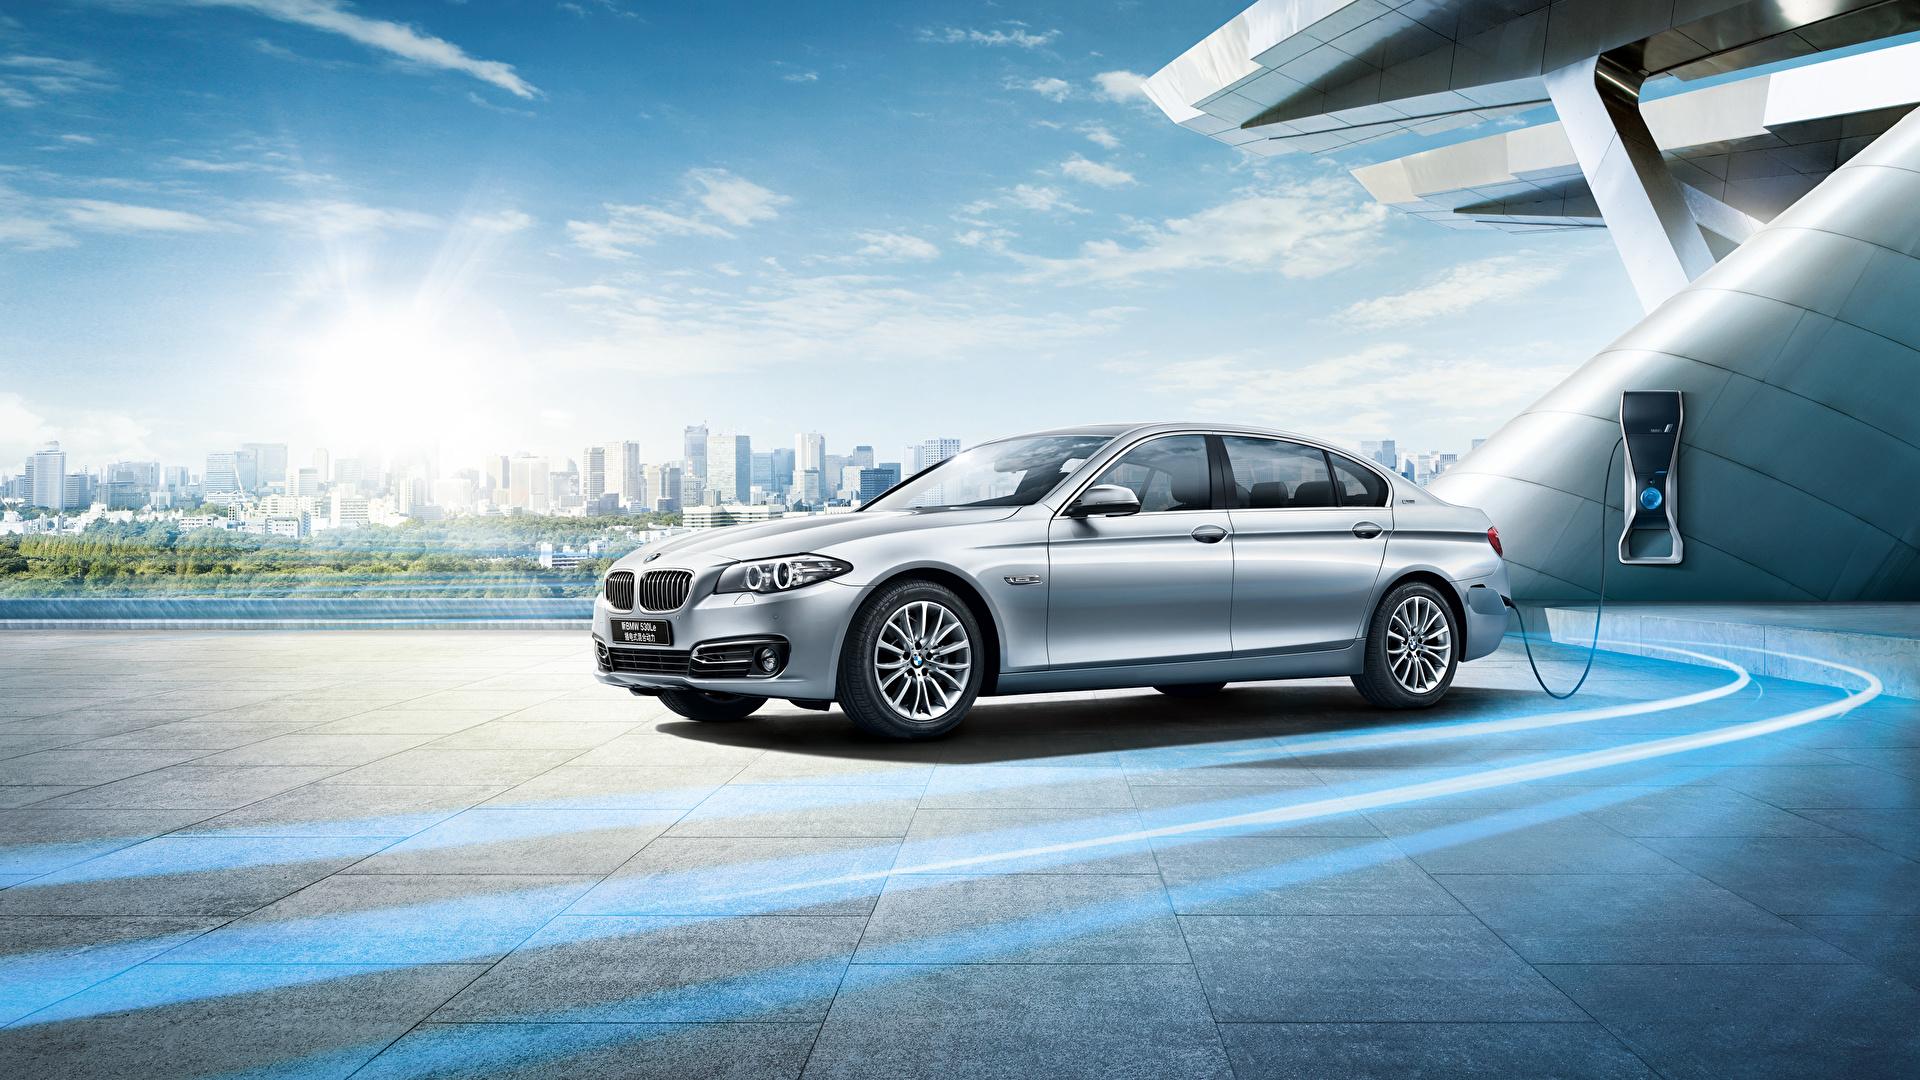 Картинки BMW F18 Седан Автомобили 1920x1080 БМВ авто машины машина автомобиль